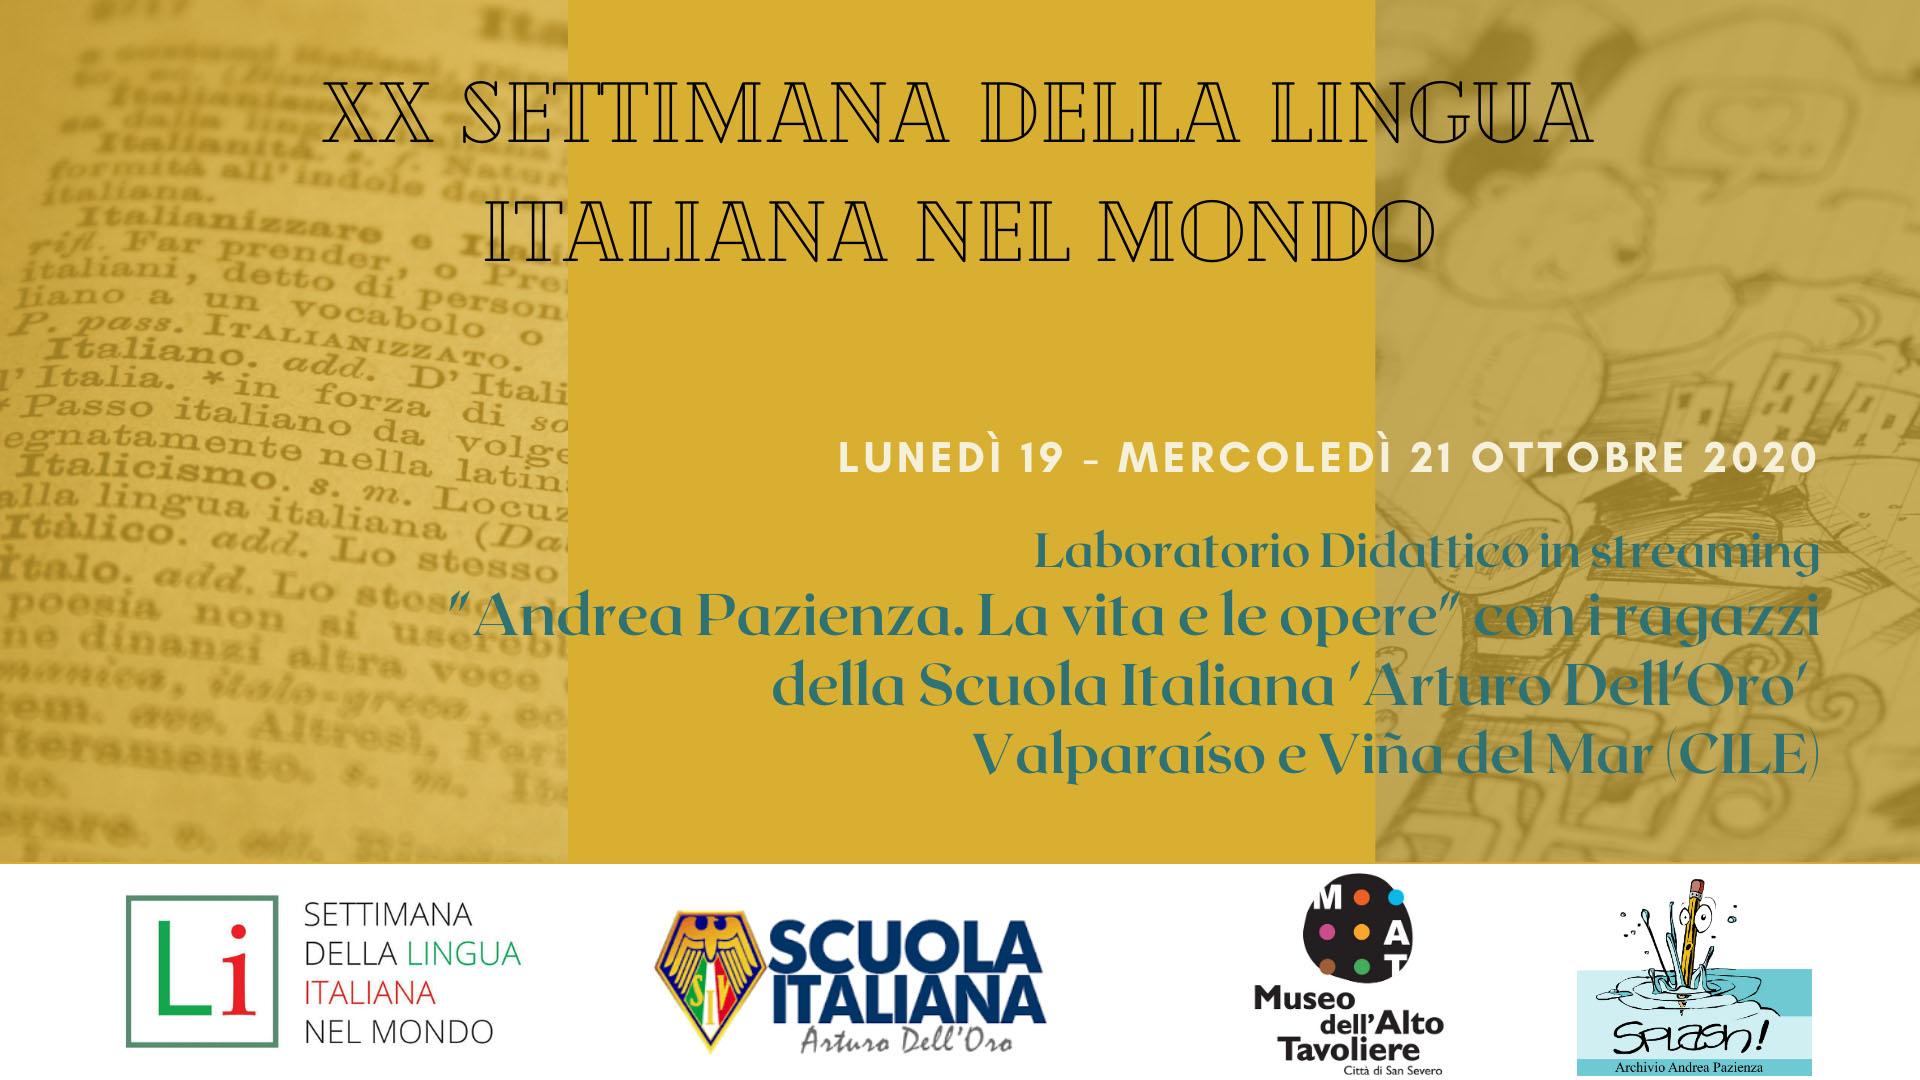 IL MAT MUSEO DELL'ALTO TAVOLIERE DI SAN SEVERO IN COLLABORAZIONE INTERNAZIONALE CON IL CILE PER LA 'SETTIMANA DELLA LINGUA ITALIANA NEL MONDO'.